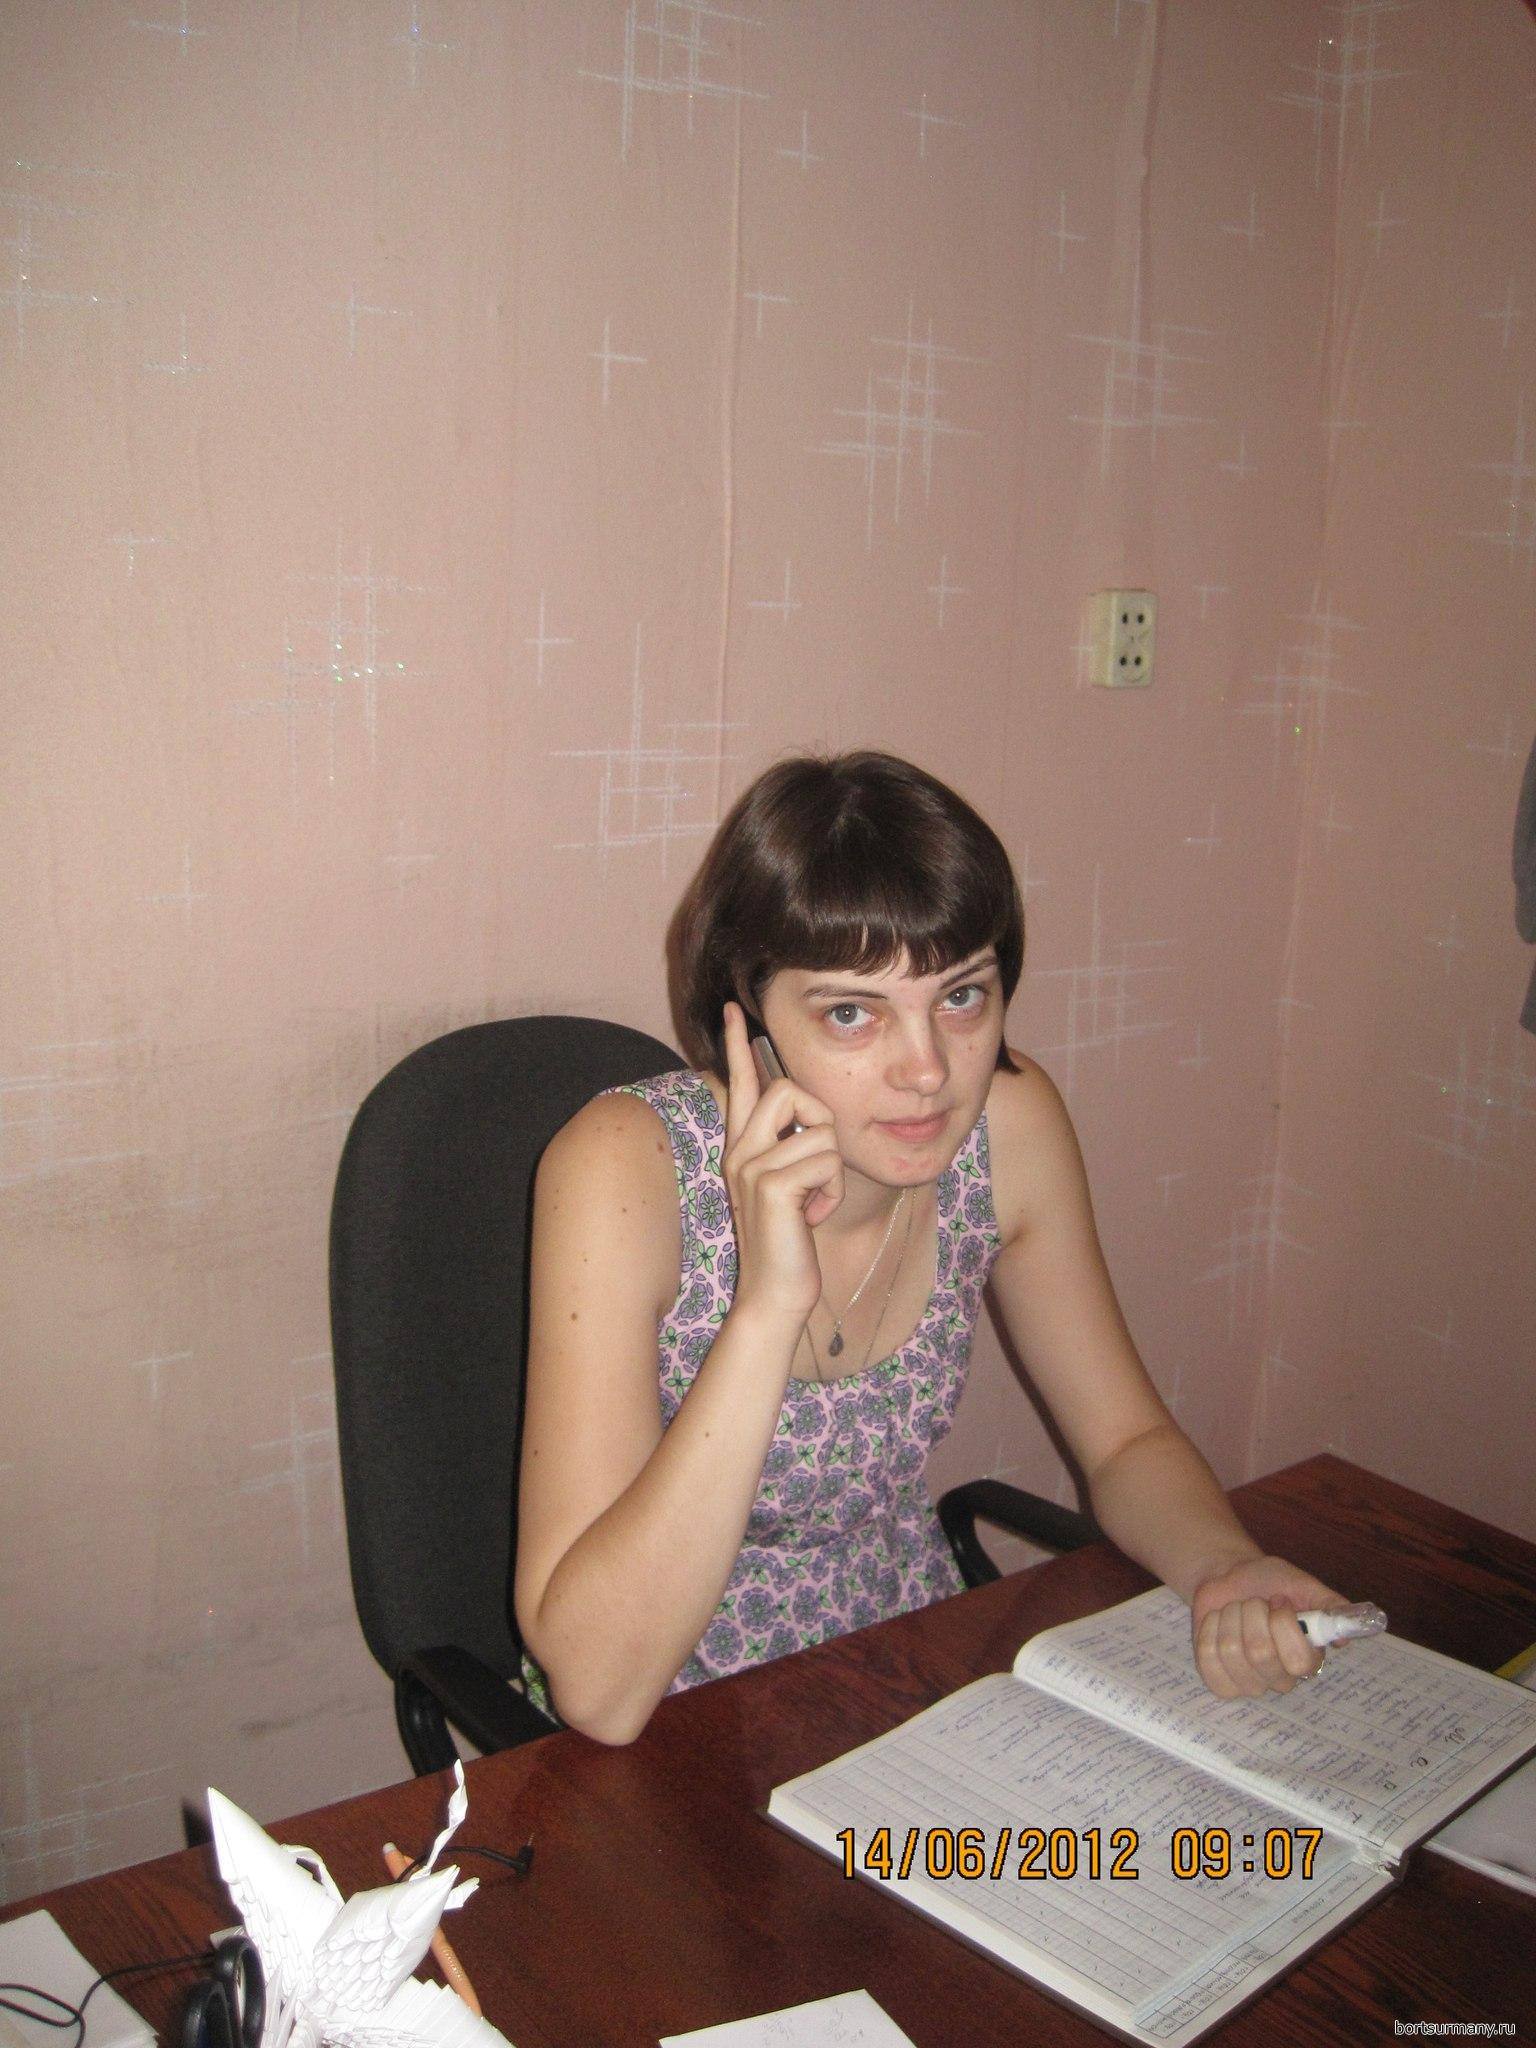 Сиянова А.Е. - специалист отделения социальной защиты